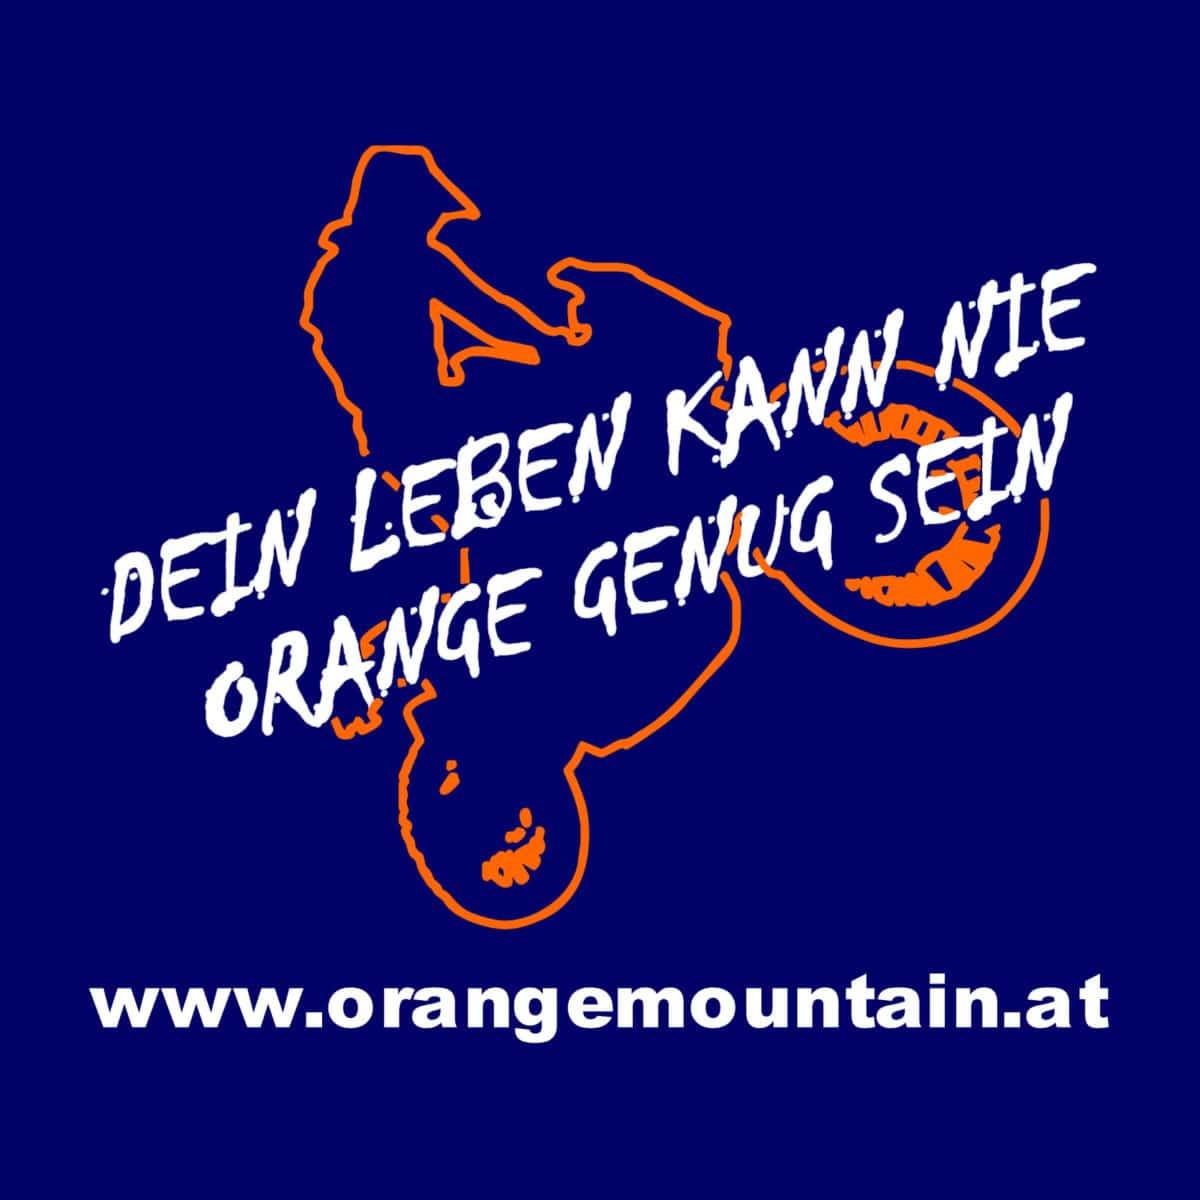 Orangemountain Shirts 2020